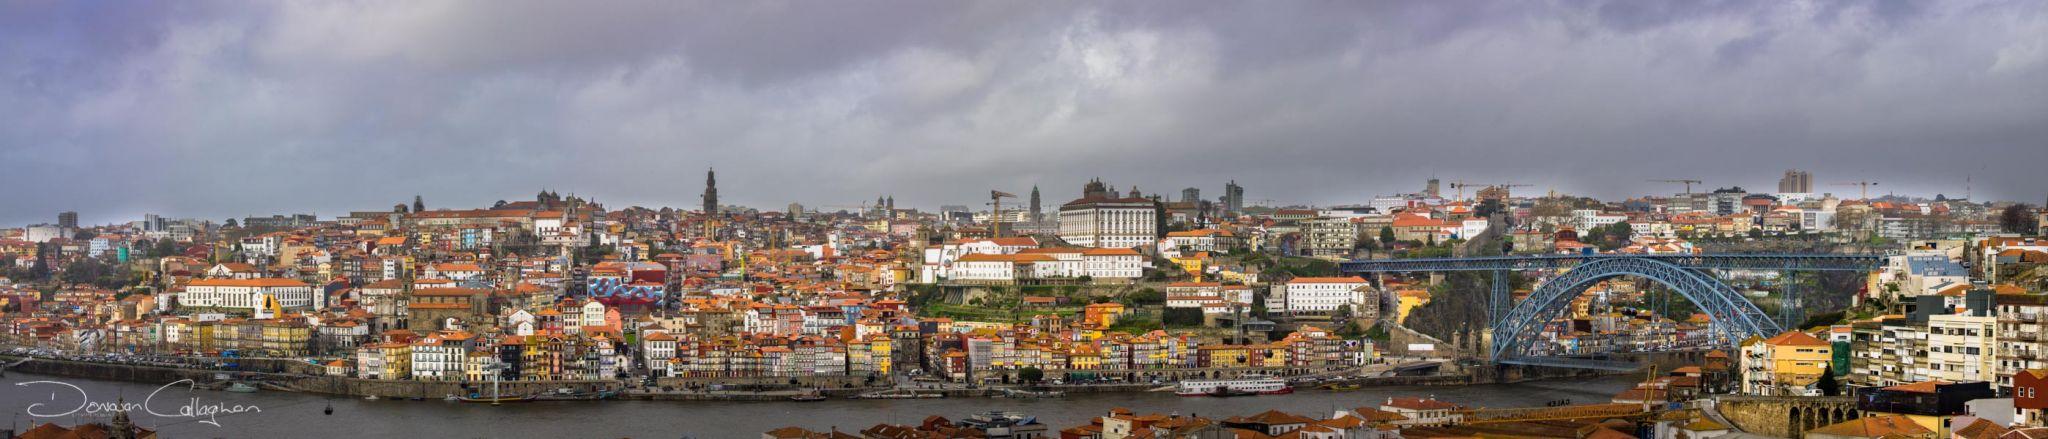 Porto Portugal Pano, Portugal